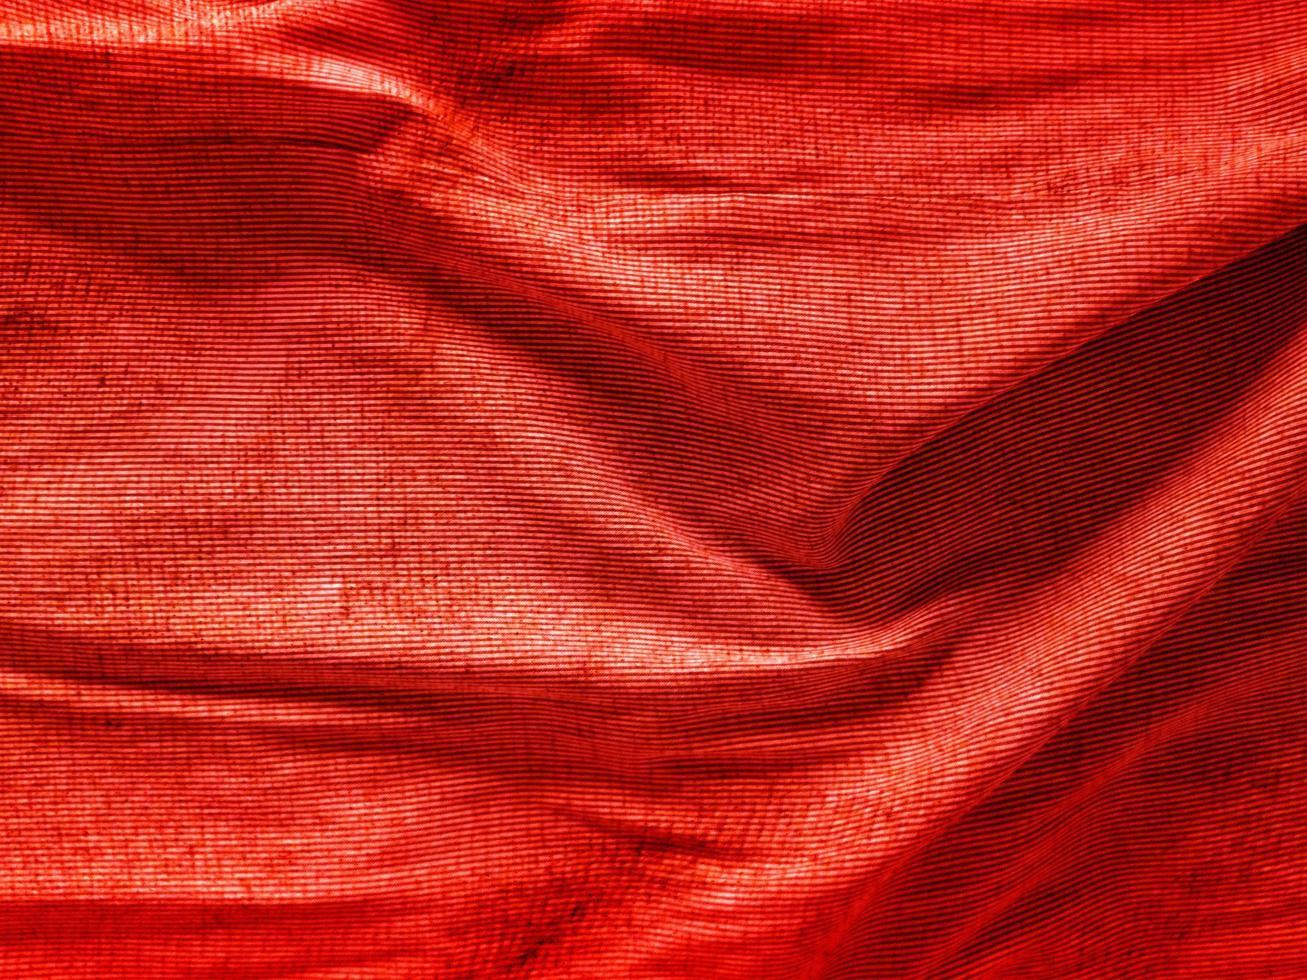 textuur van gekleurde doek foto